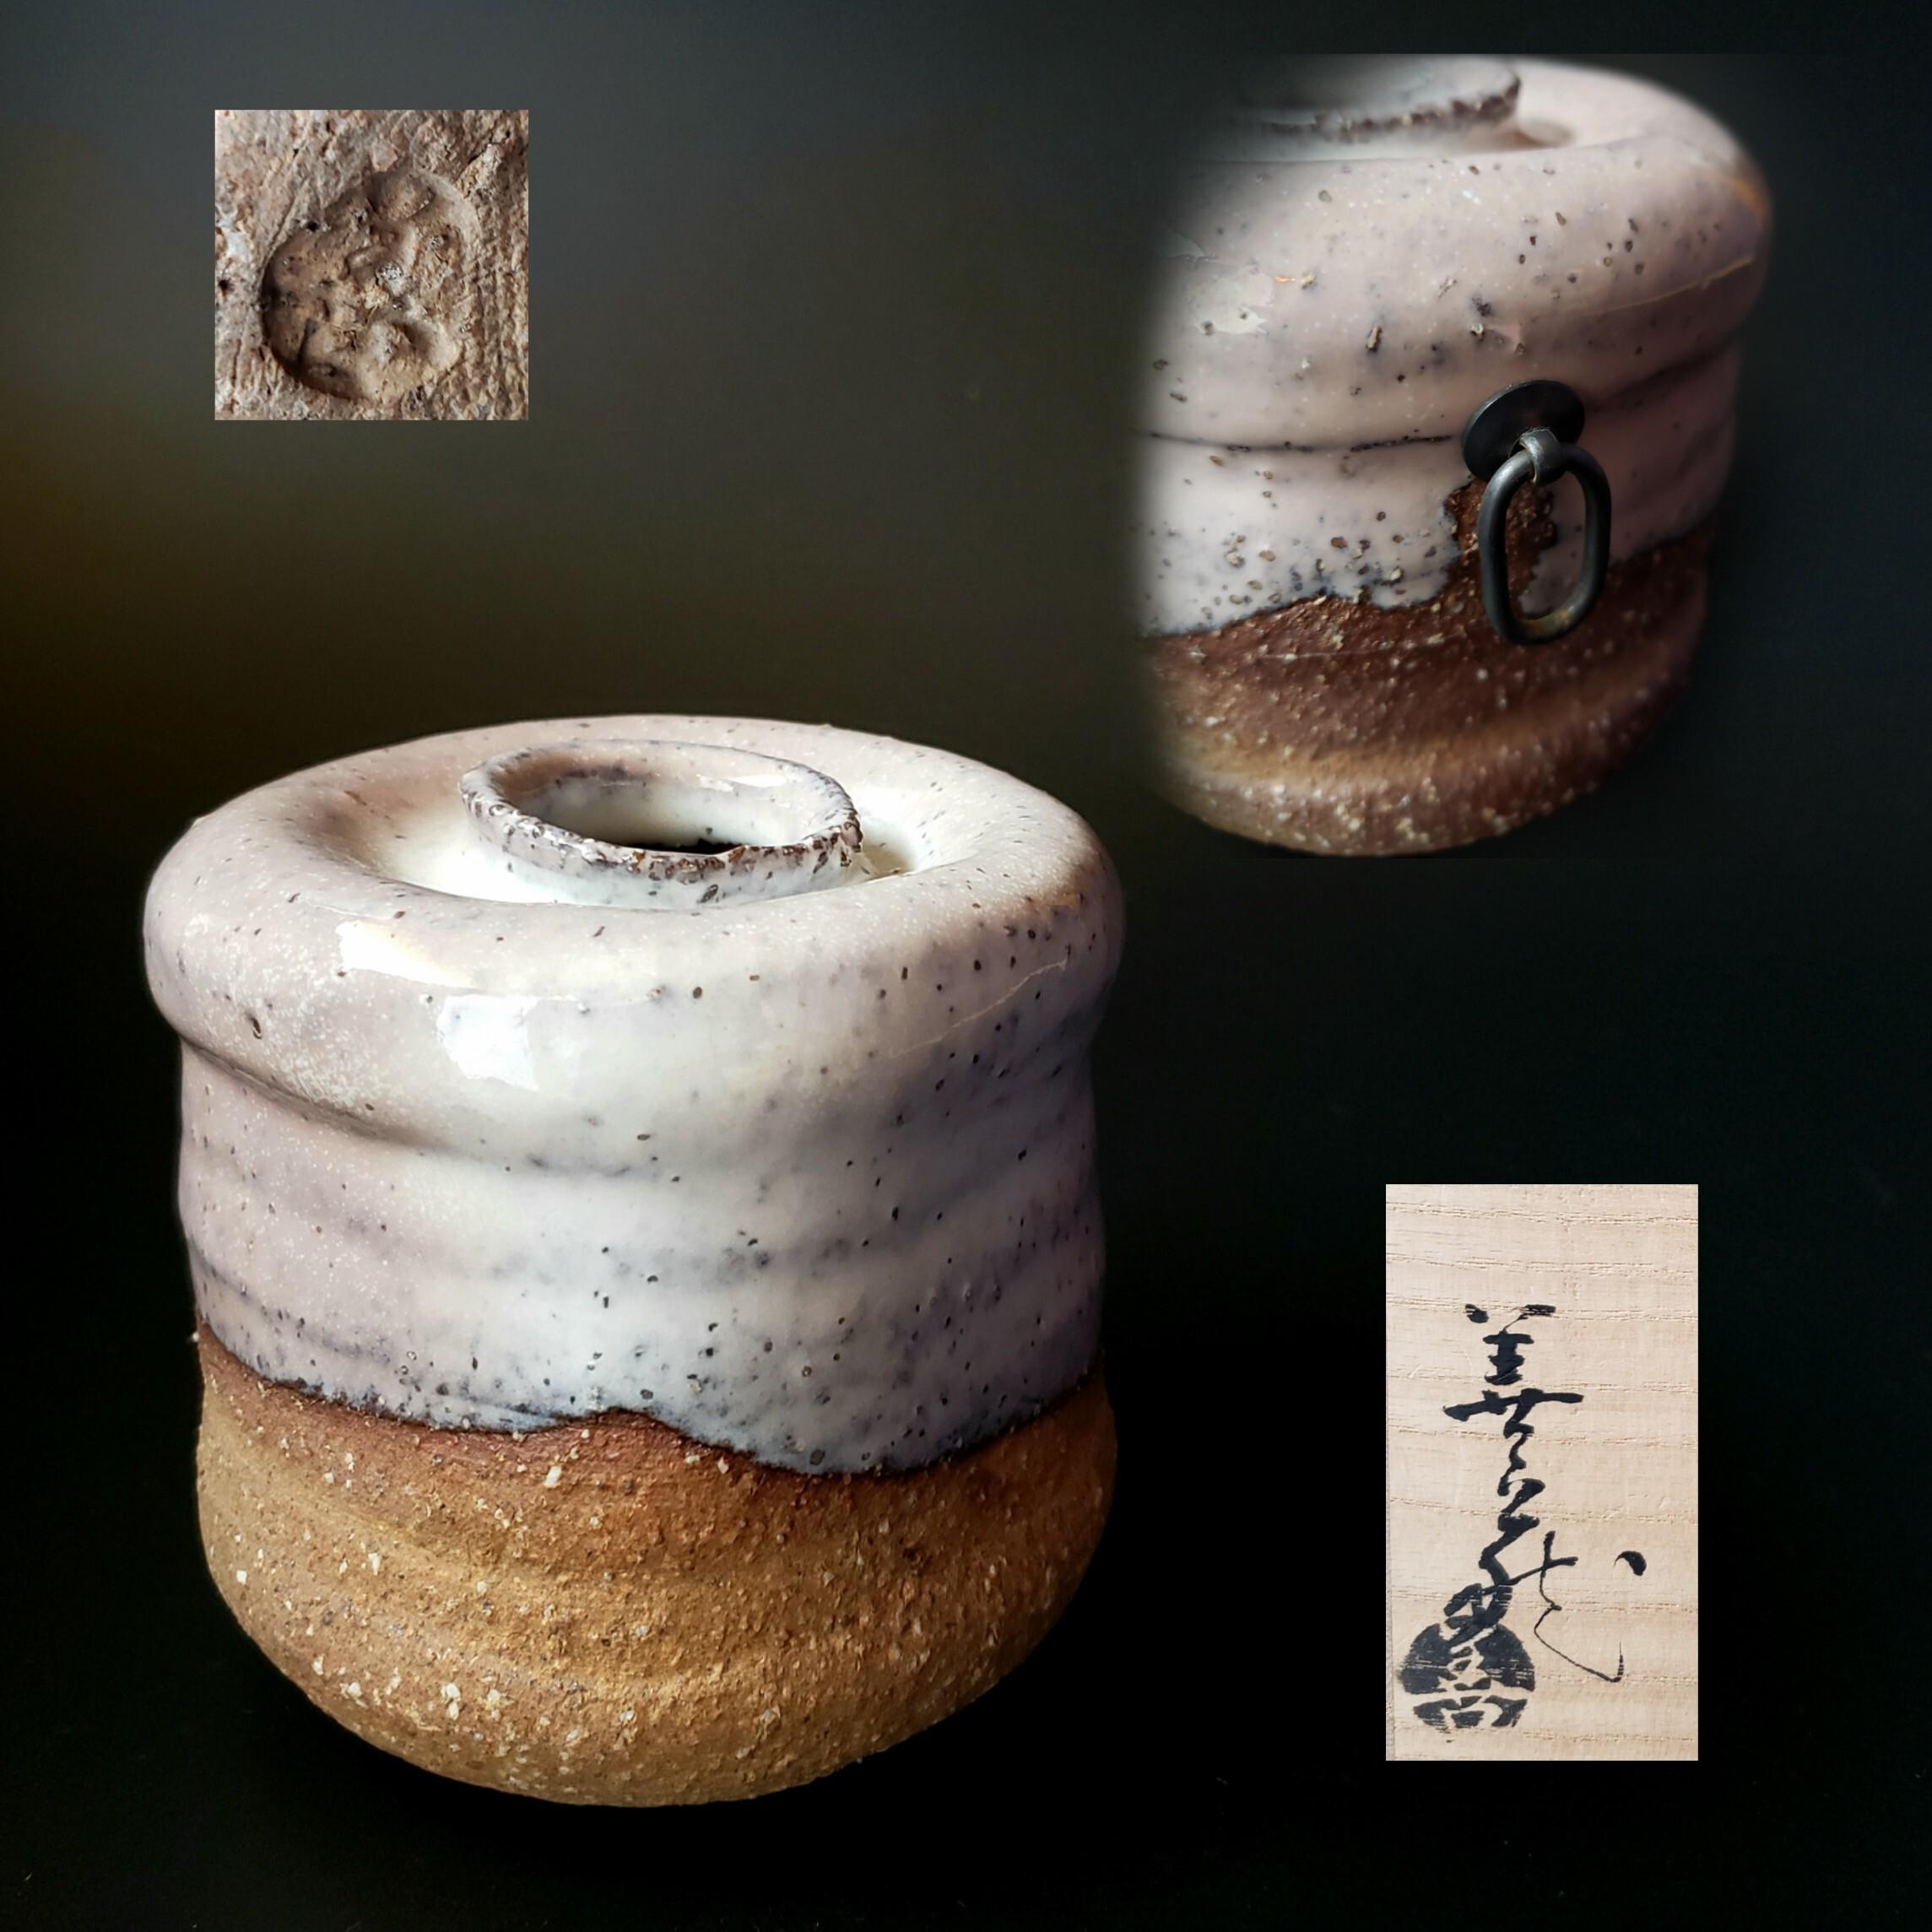 茶道具 白萩 掛花入 波多野善蔵 共箱 陶芸 工芸品 花器 花入 花生 出物